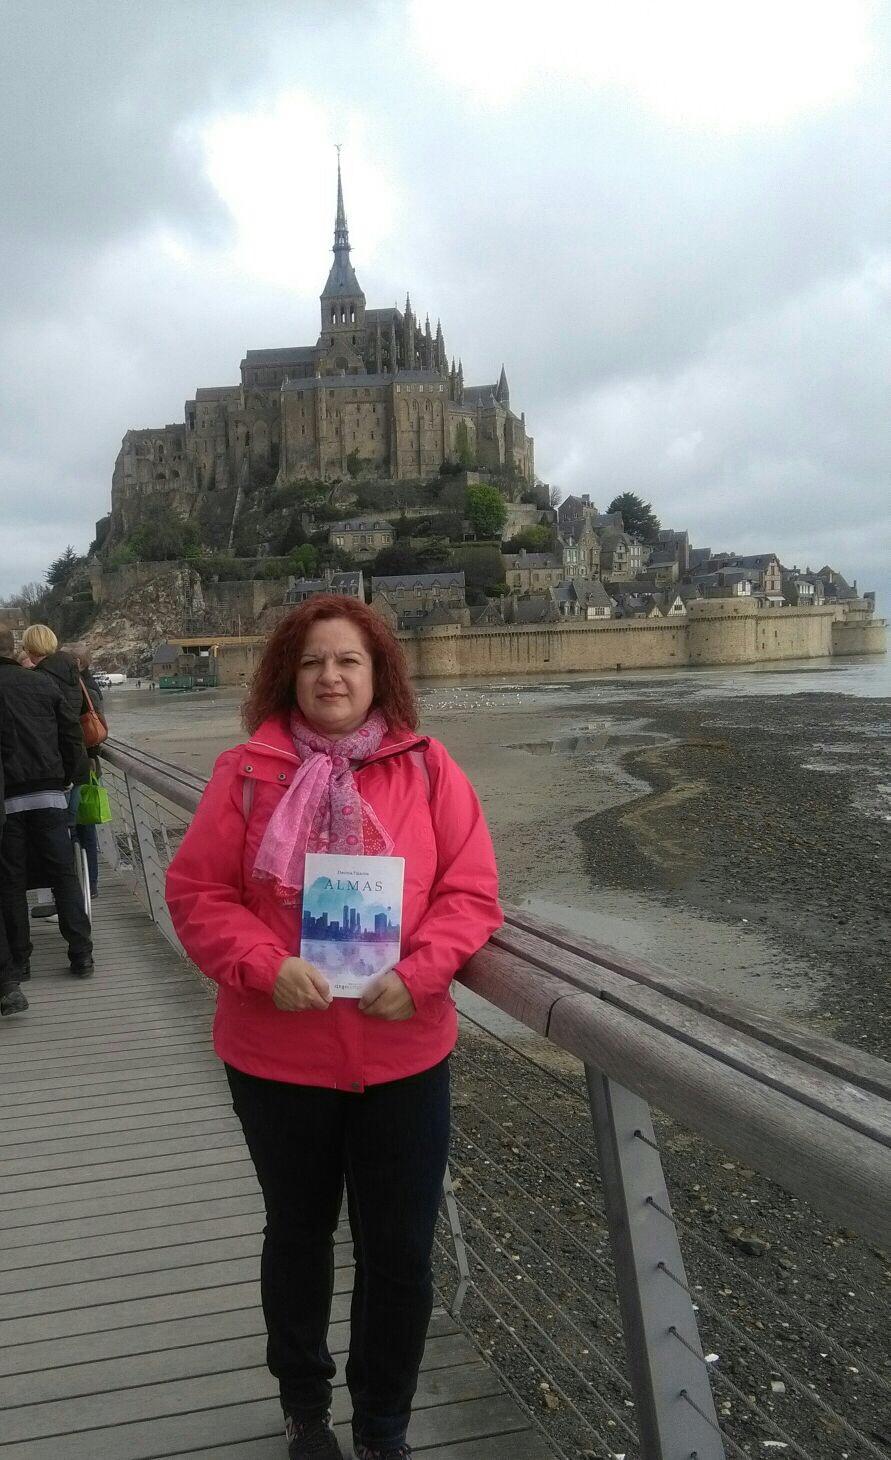 Carmen con su ejemplar de Almas, en Saint Michel.